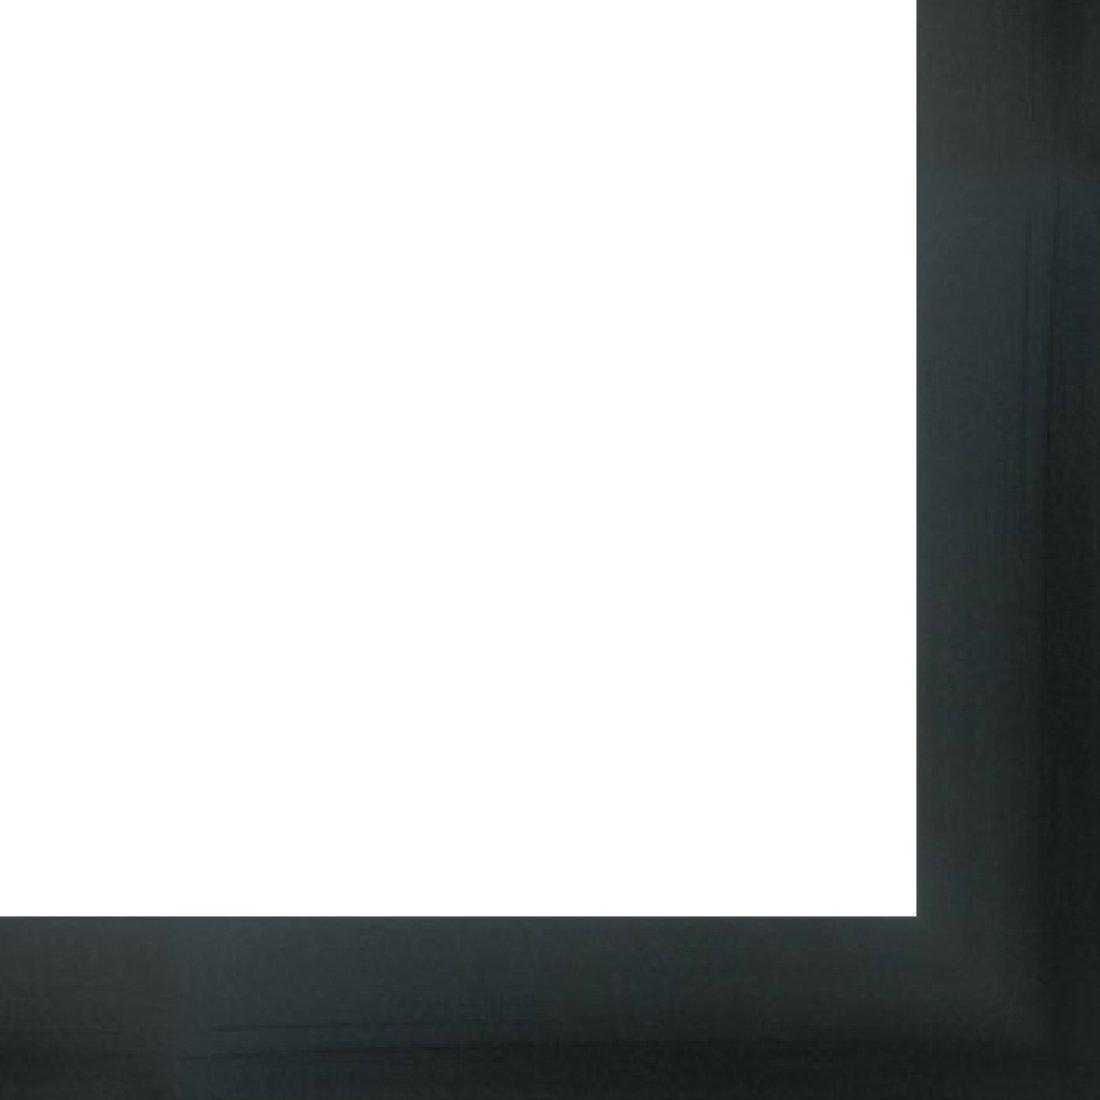 Canvas Floater Frame Moulding (Wood) 18ft bundle - Contemporary Black Finish - 1.5'' width - 7/8'' rabbet depth